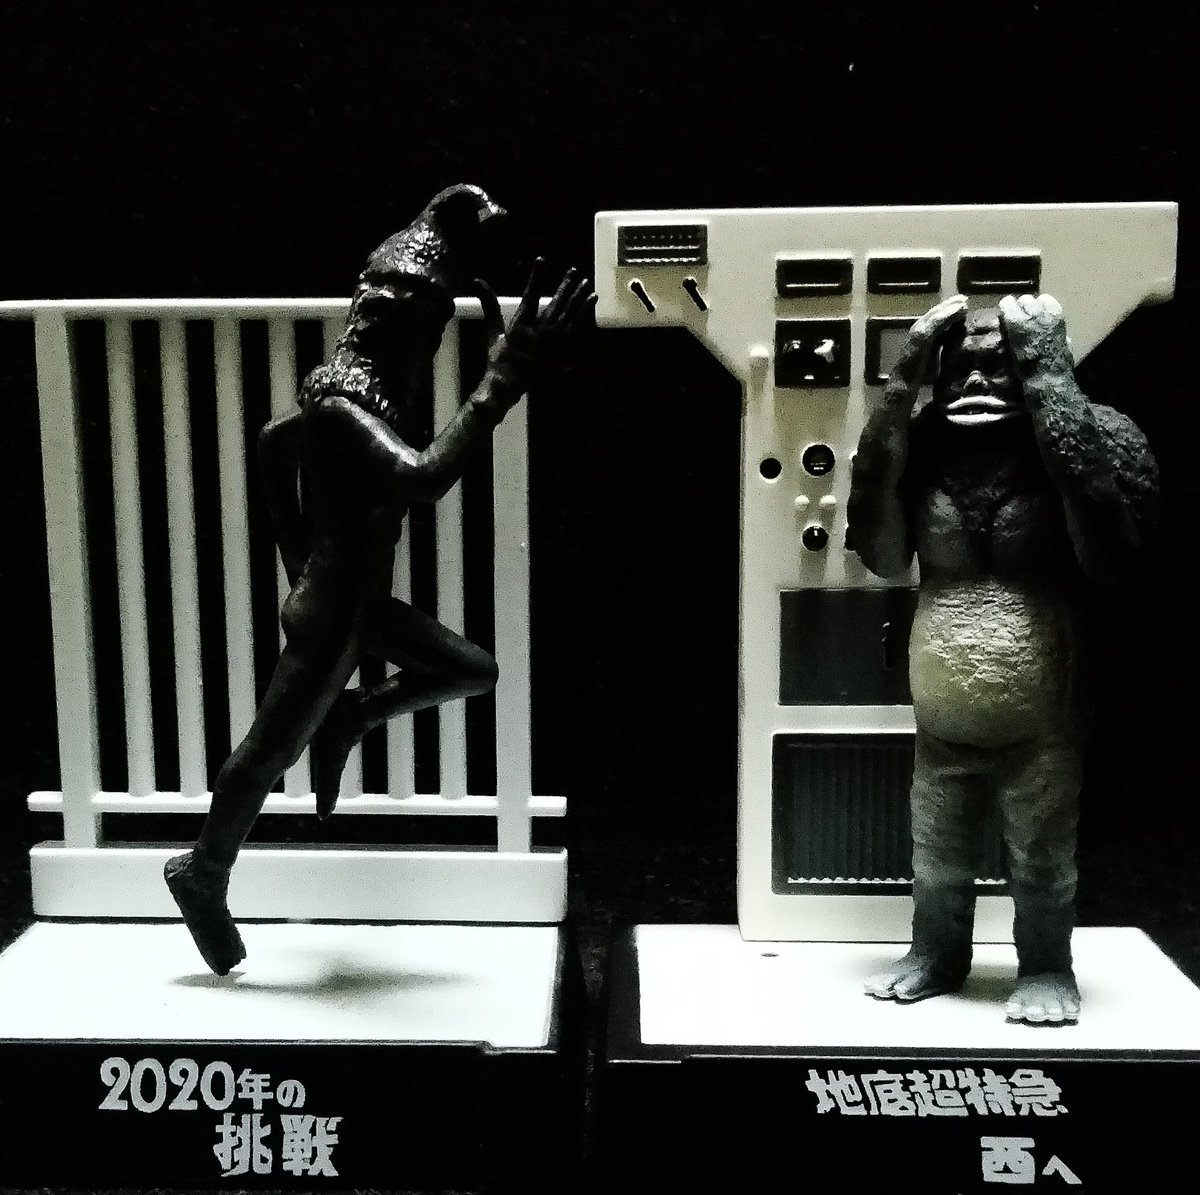 ウルトラ怪獣名鑑 -新たなる挑戦編-に関する画像10